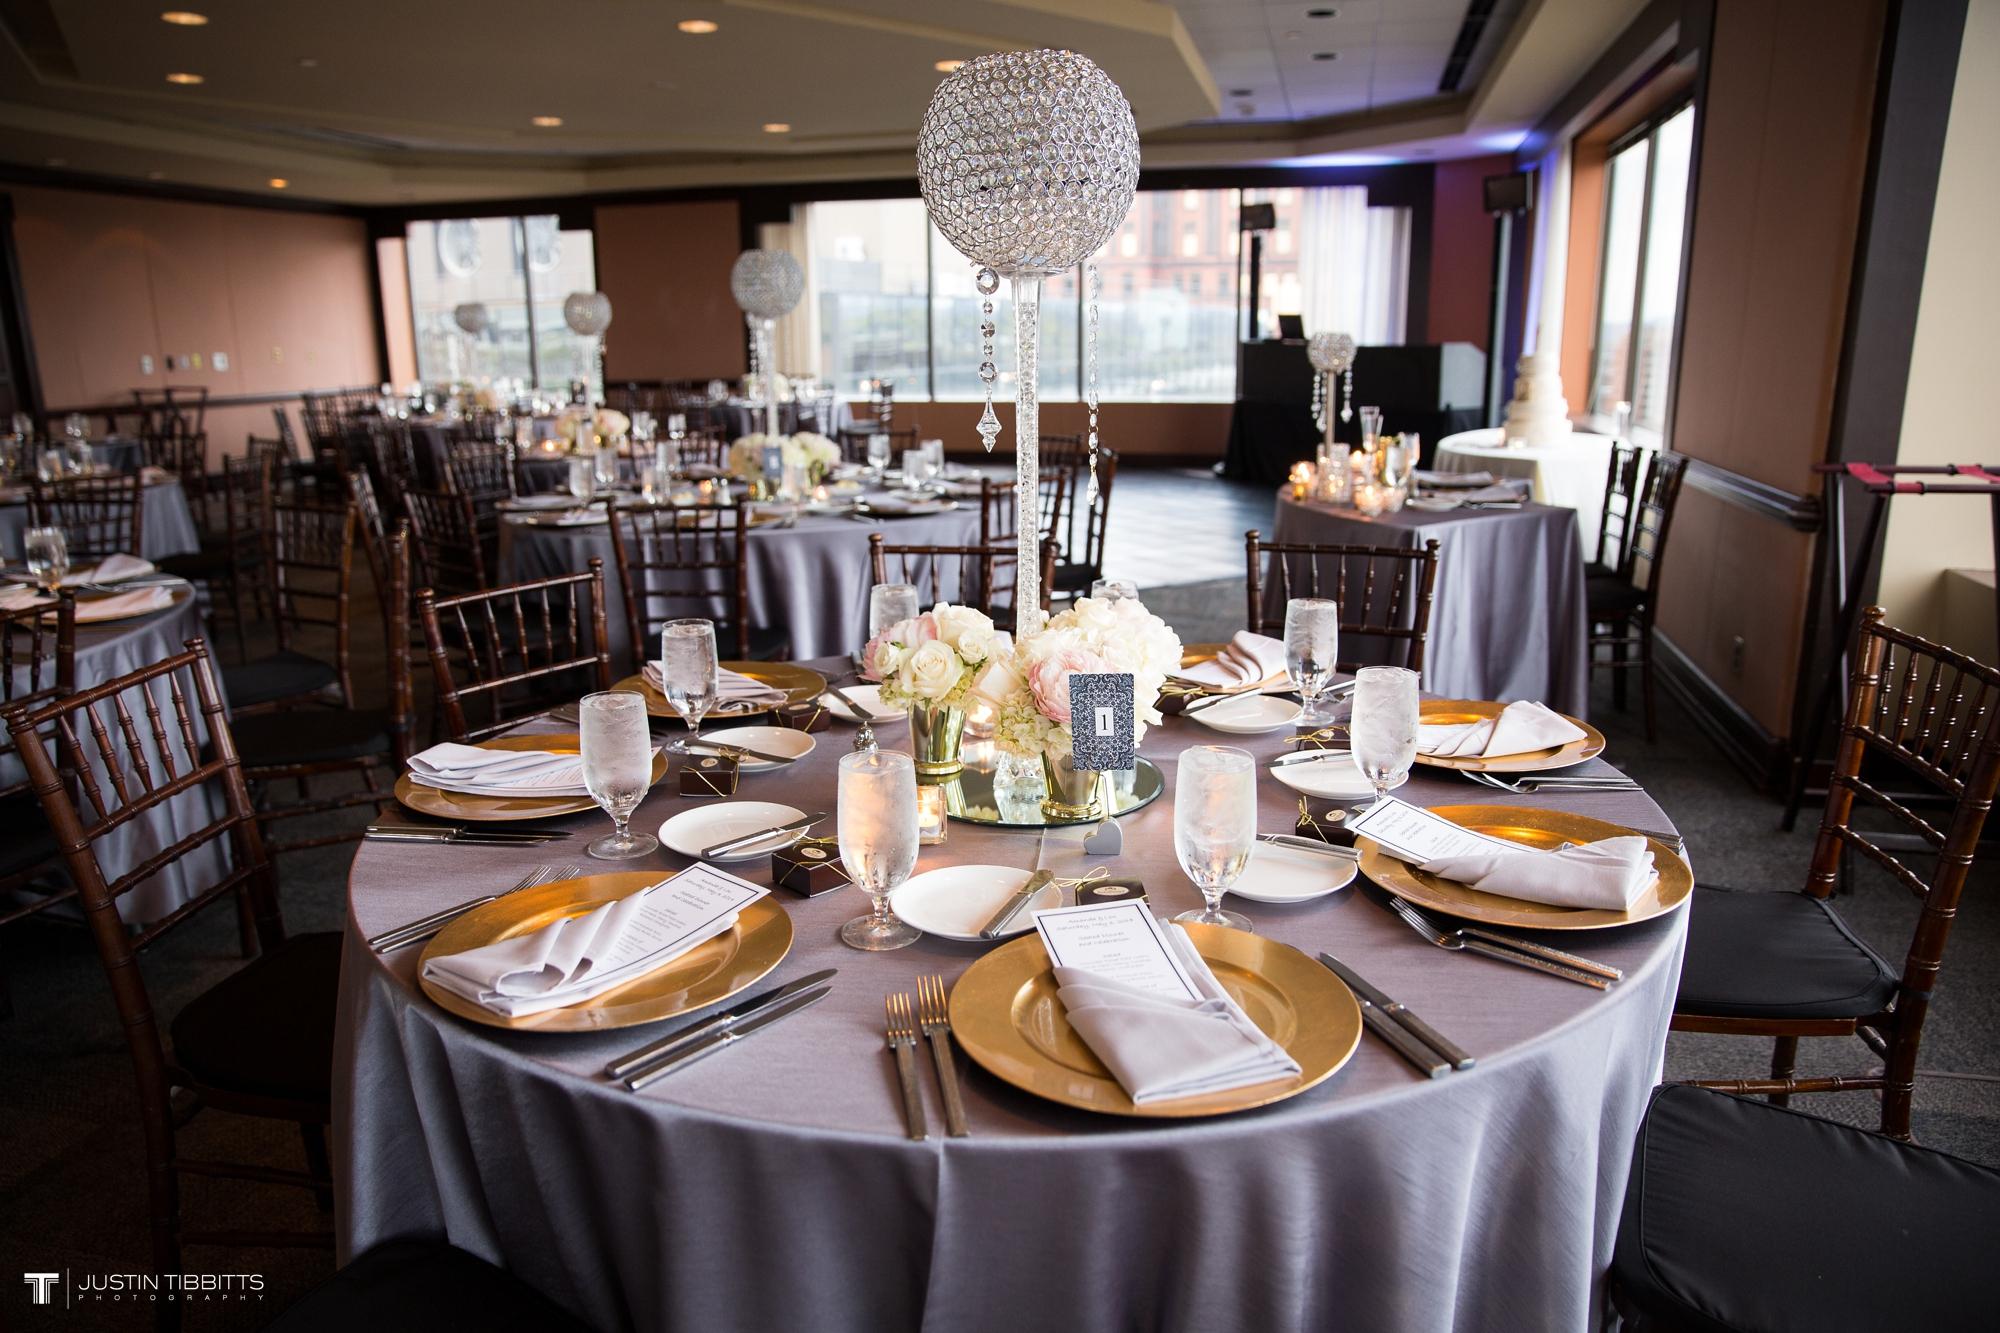 Albany NY Wedding Photographer Justin Tibbitts Photography 2014 Best of Albany NY Weddings-18713110476101